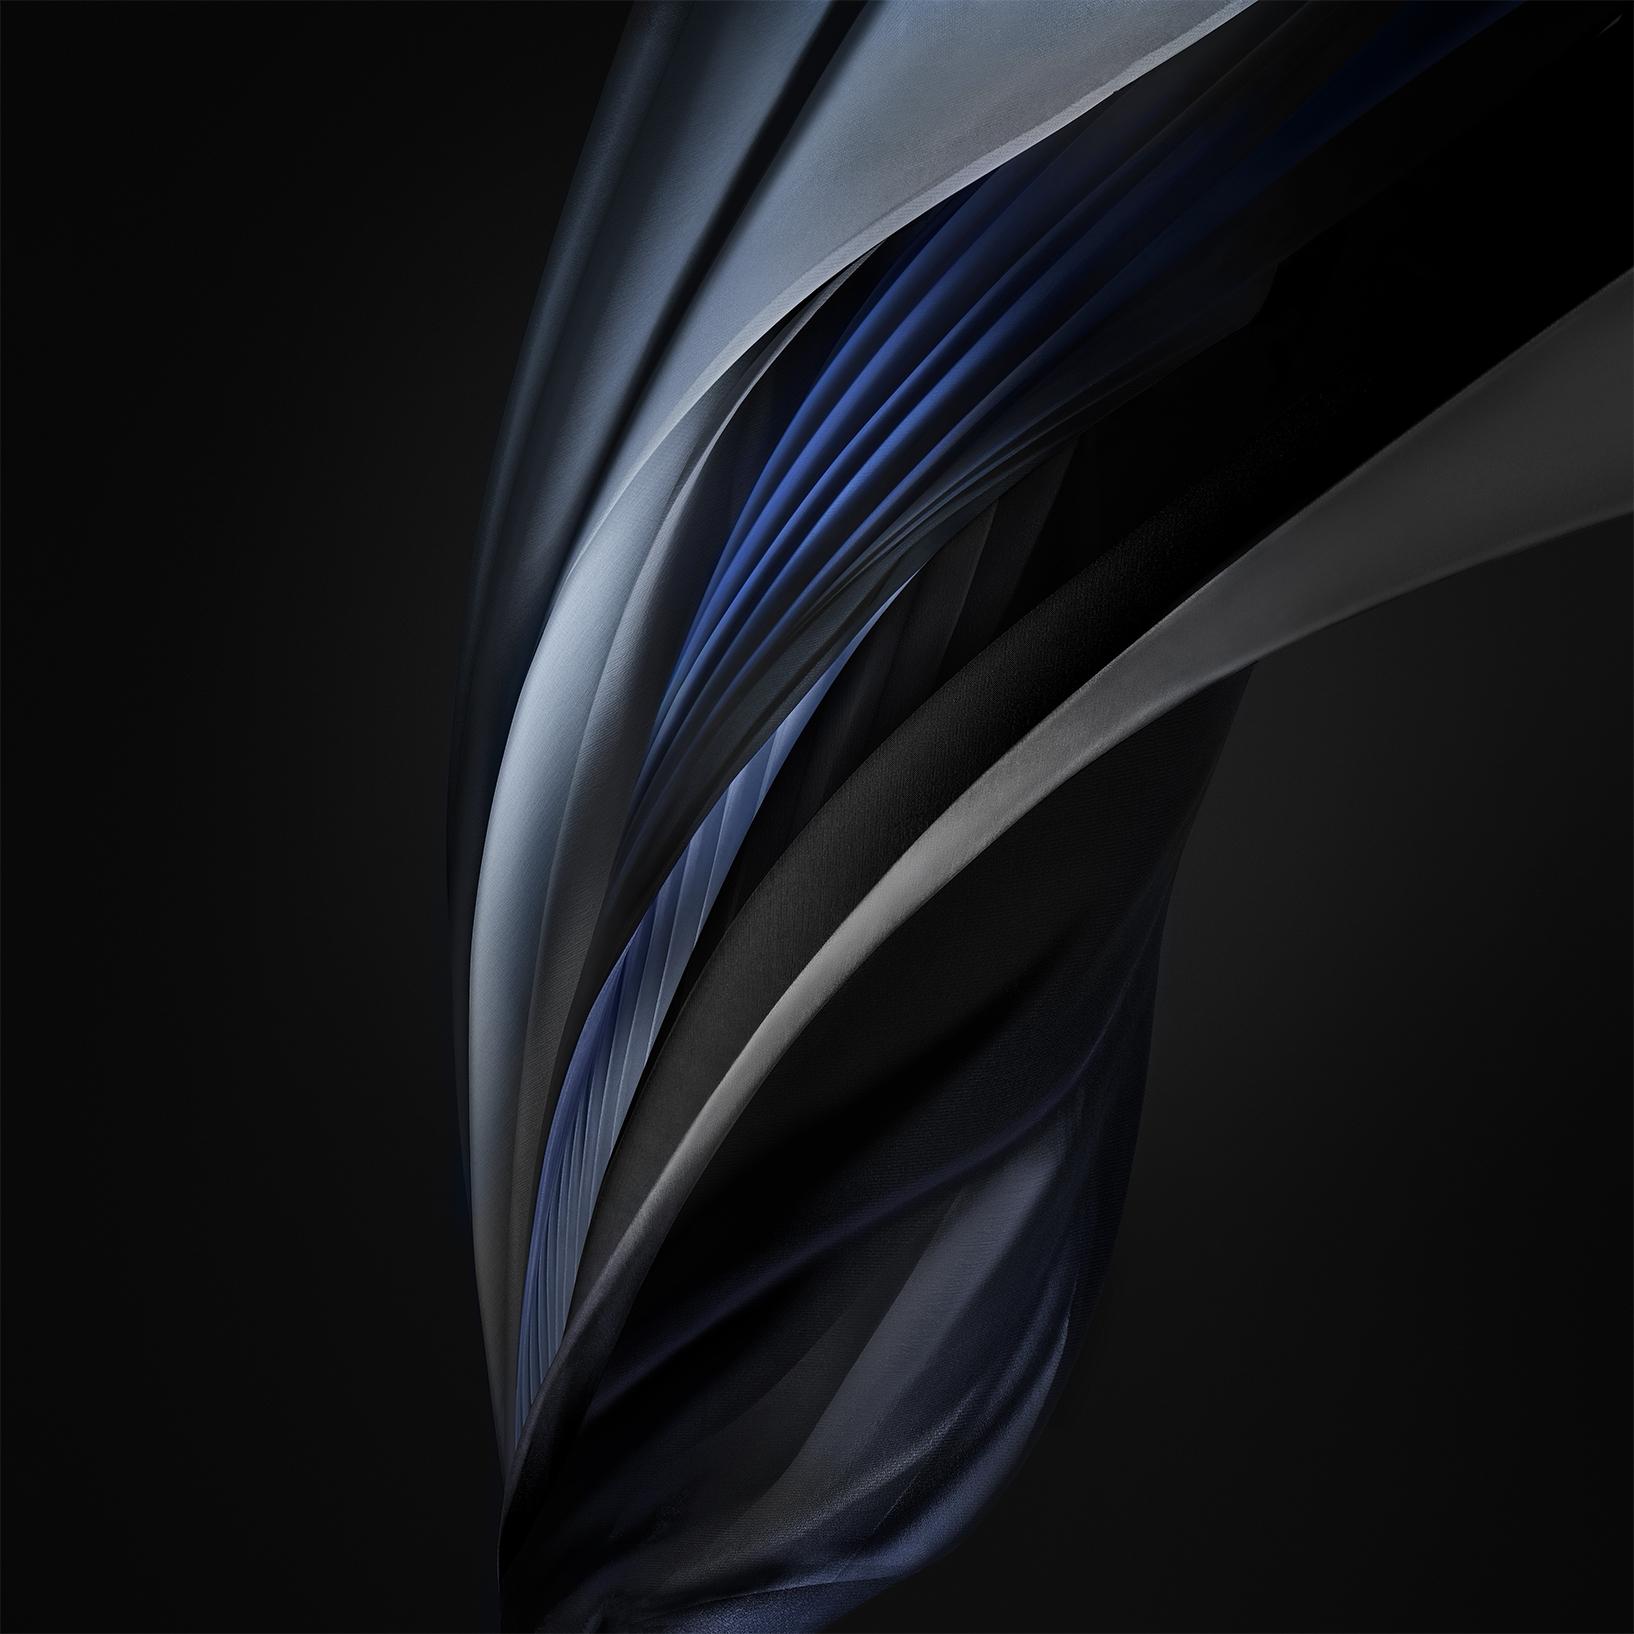 Silk_Silver_Mono_Dark- iPhone SE 2020 - TechFoogle